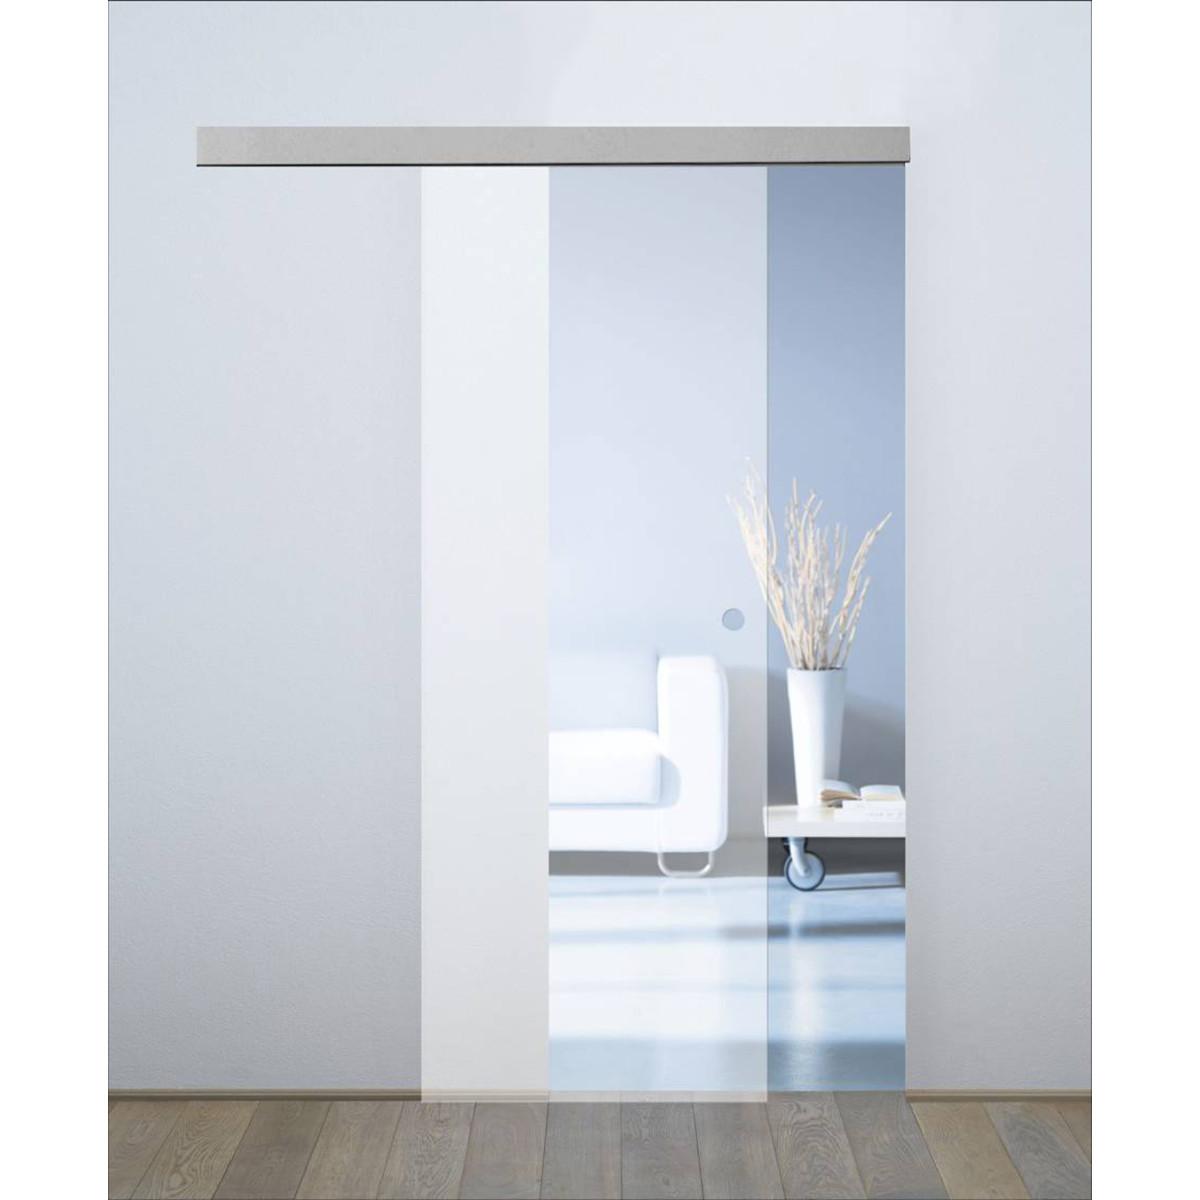 Abat jour camera da letto e lampadario - Porta specchio scorrevole ...